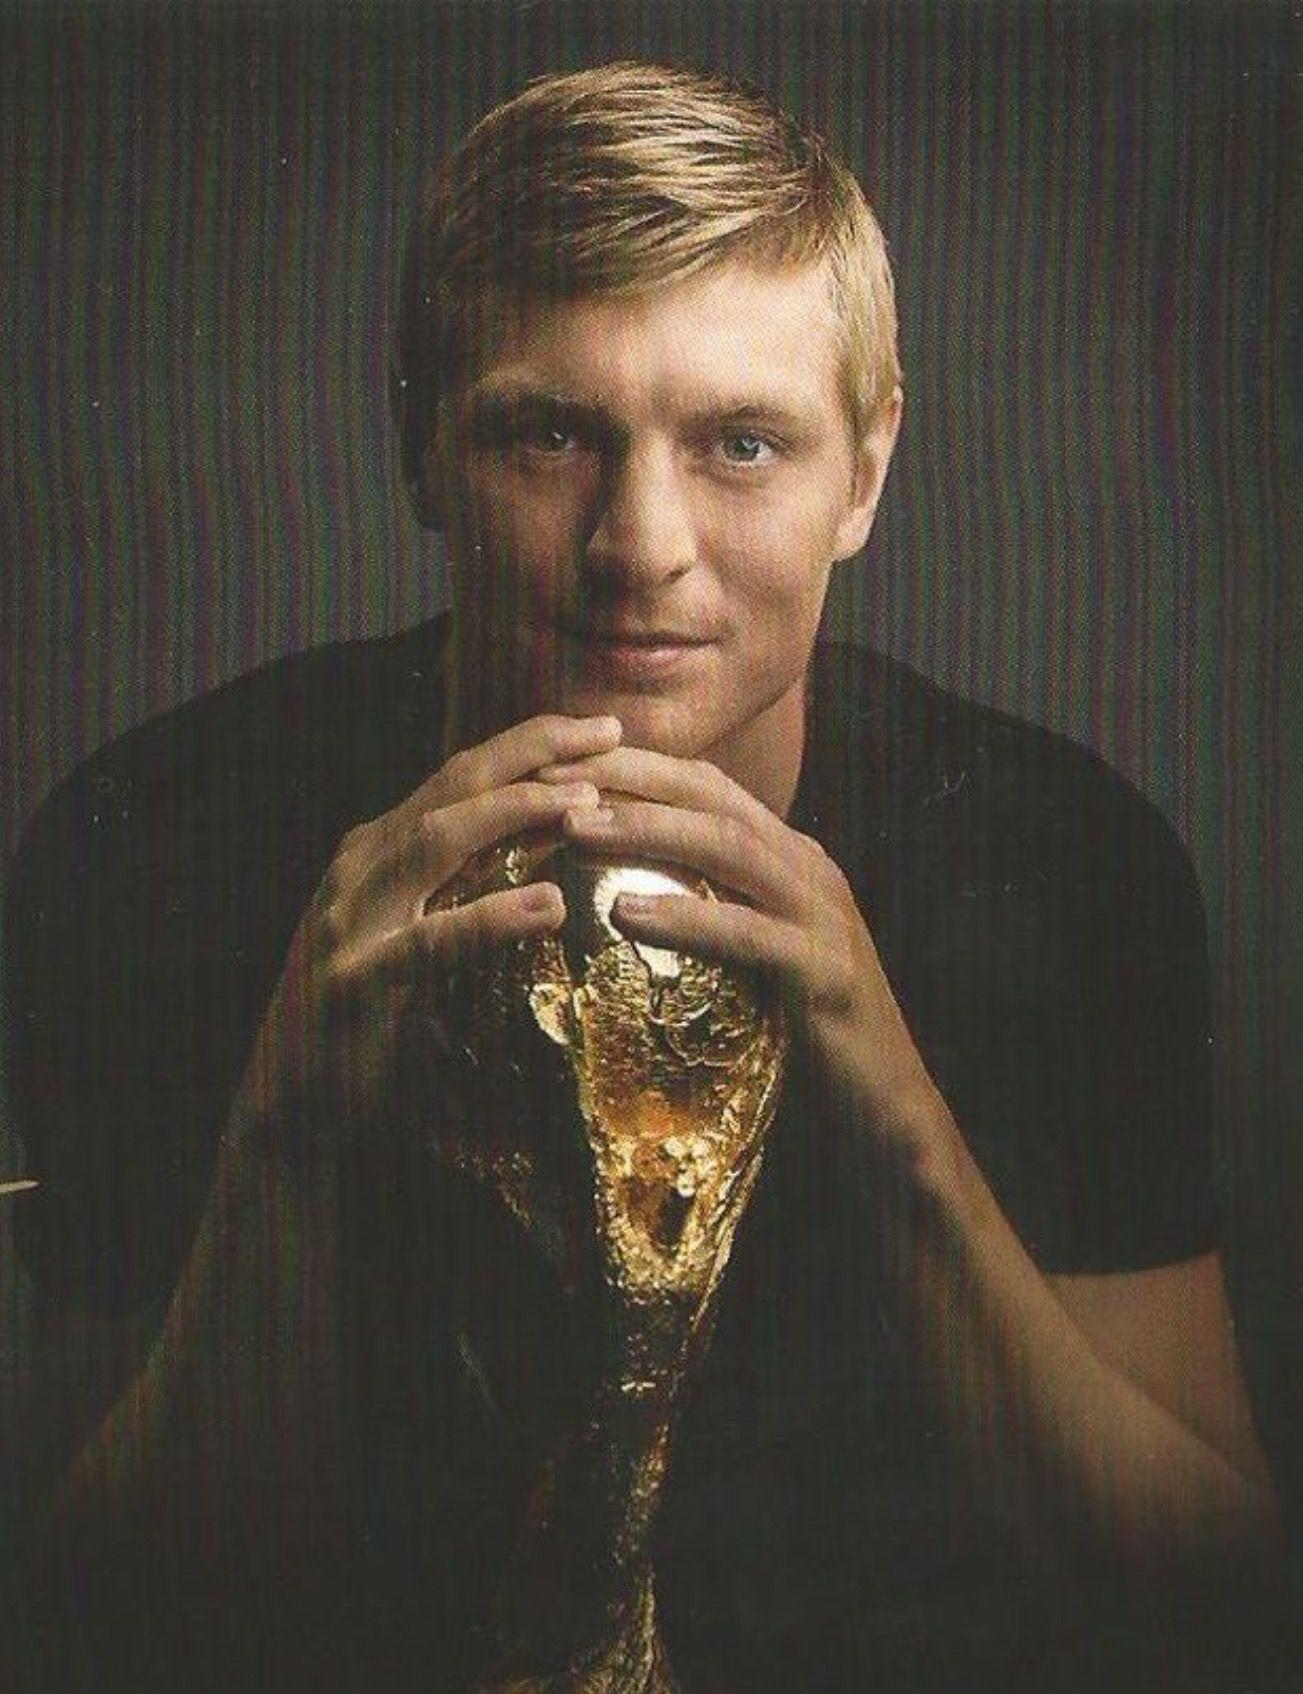 Weltmeister Toni Kroos MF Germany 2014